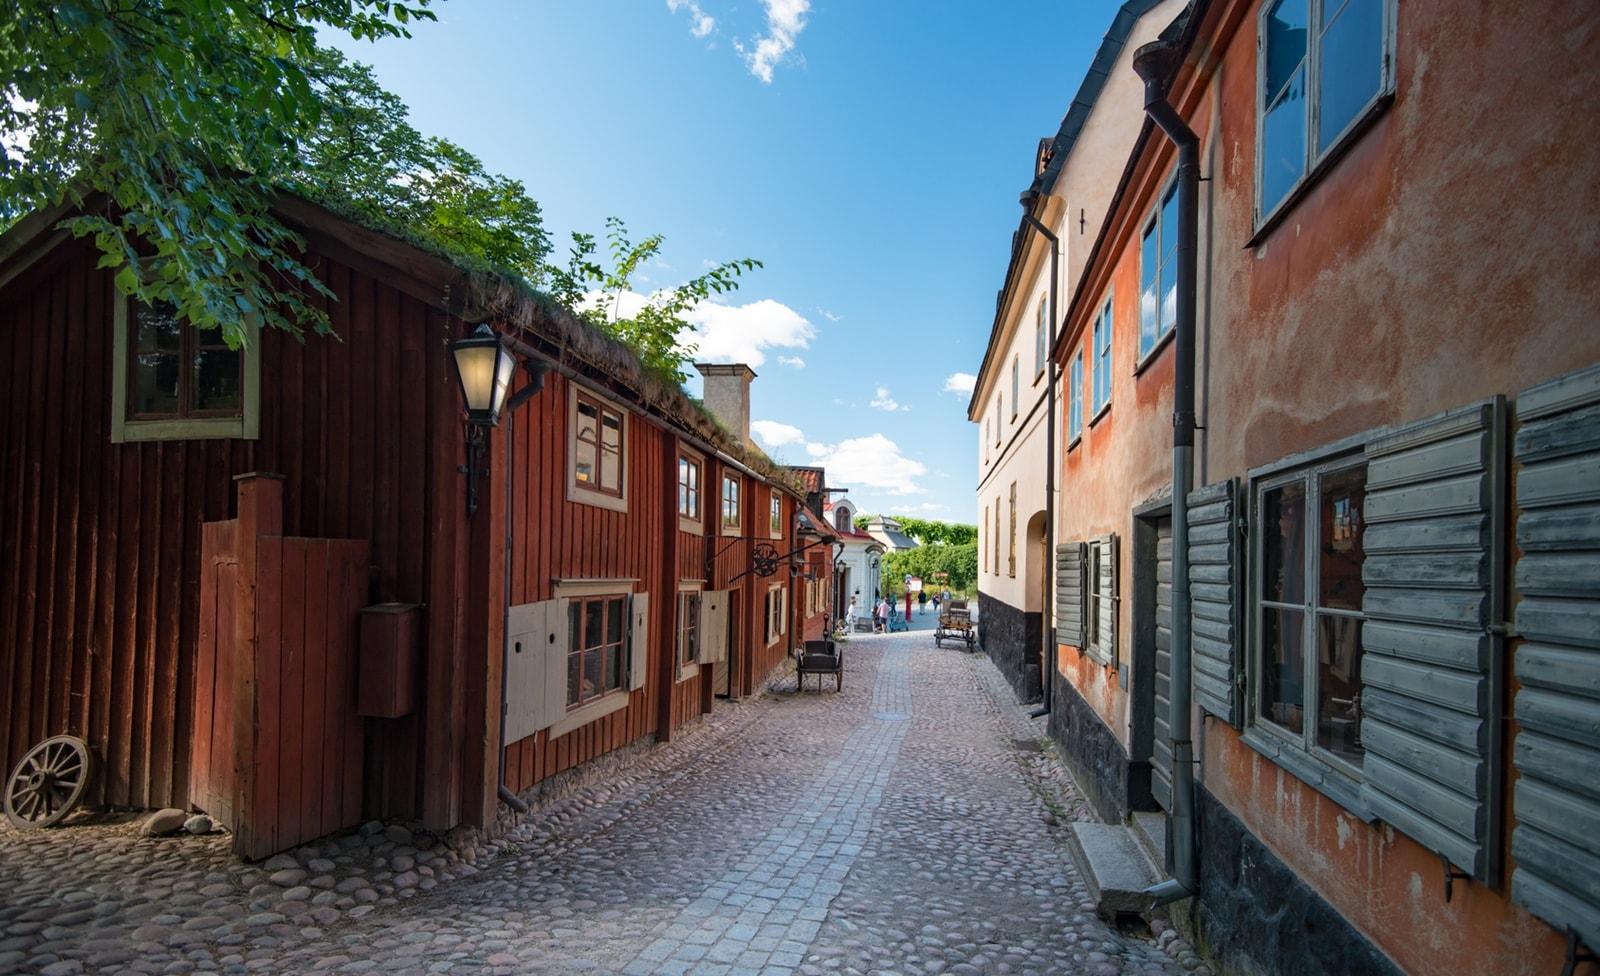 Freilichtmuseum Skansen